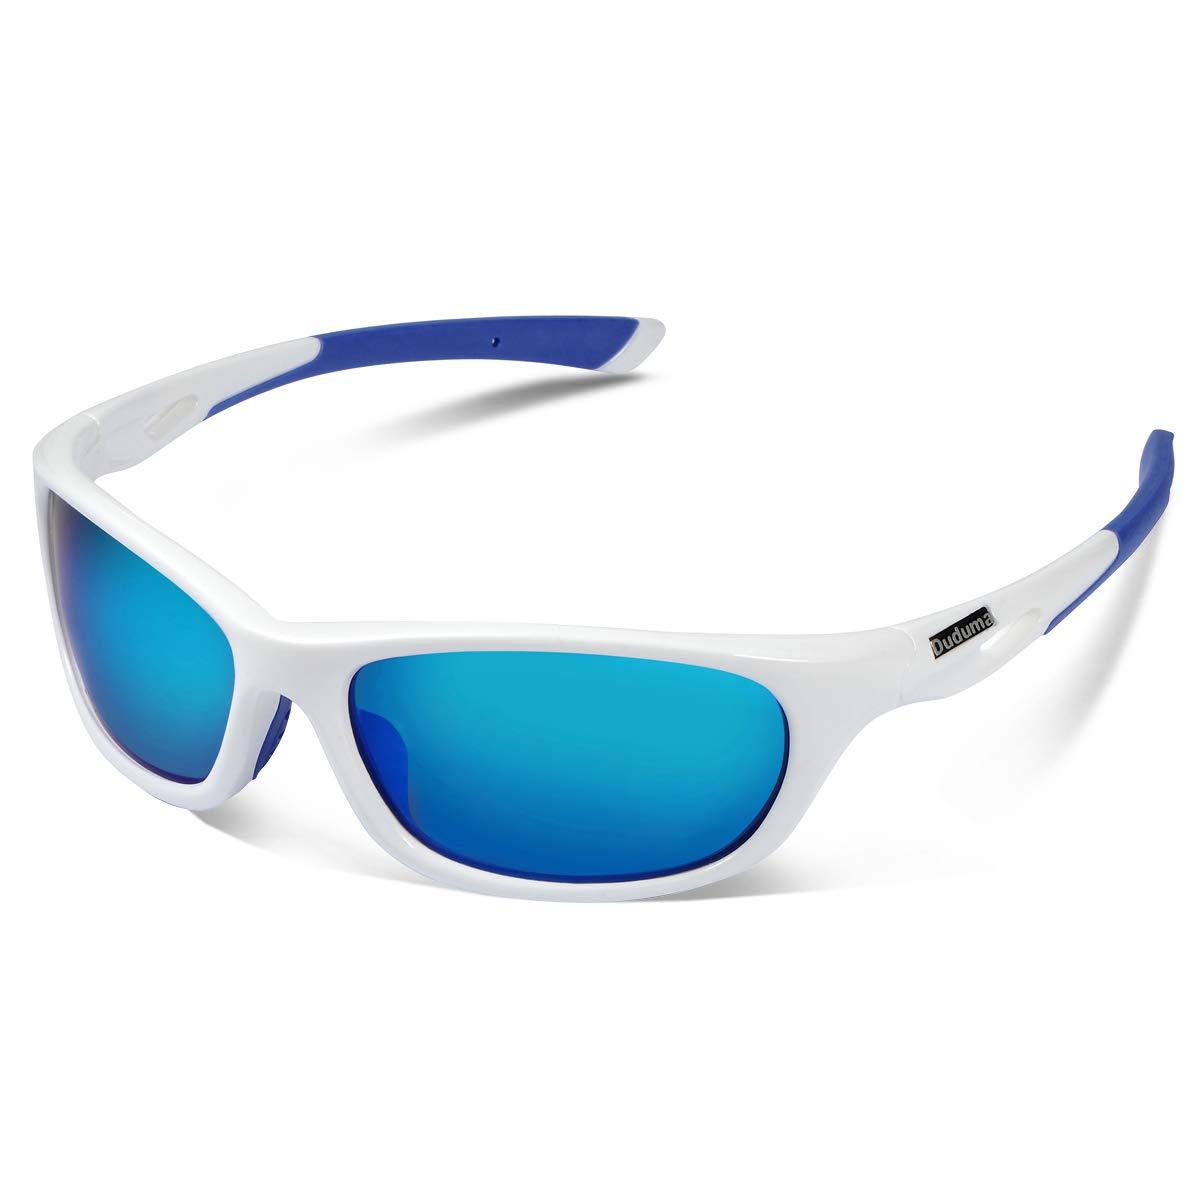 人気商品は (ドゥドゥマ) White Duduma 偏光スポーツサングラス lens メンズ&レディース 野球、ランニング、サイクリング、釣り、運転 White、ゴルフに 割れないフレーム Du646 B01J1IDDKA White frame with blue lens White frame with blue lens, ザステレオ屋:2d19db0f --- ballyshannonshow.com